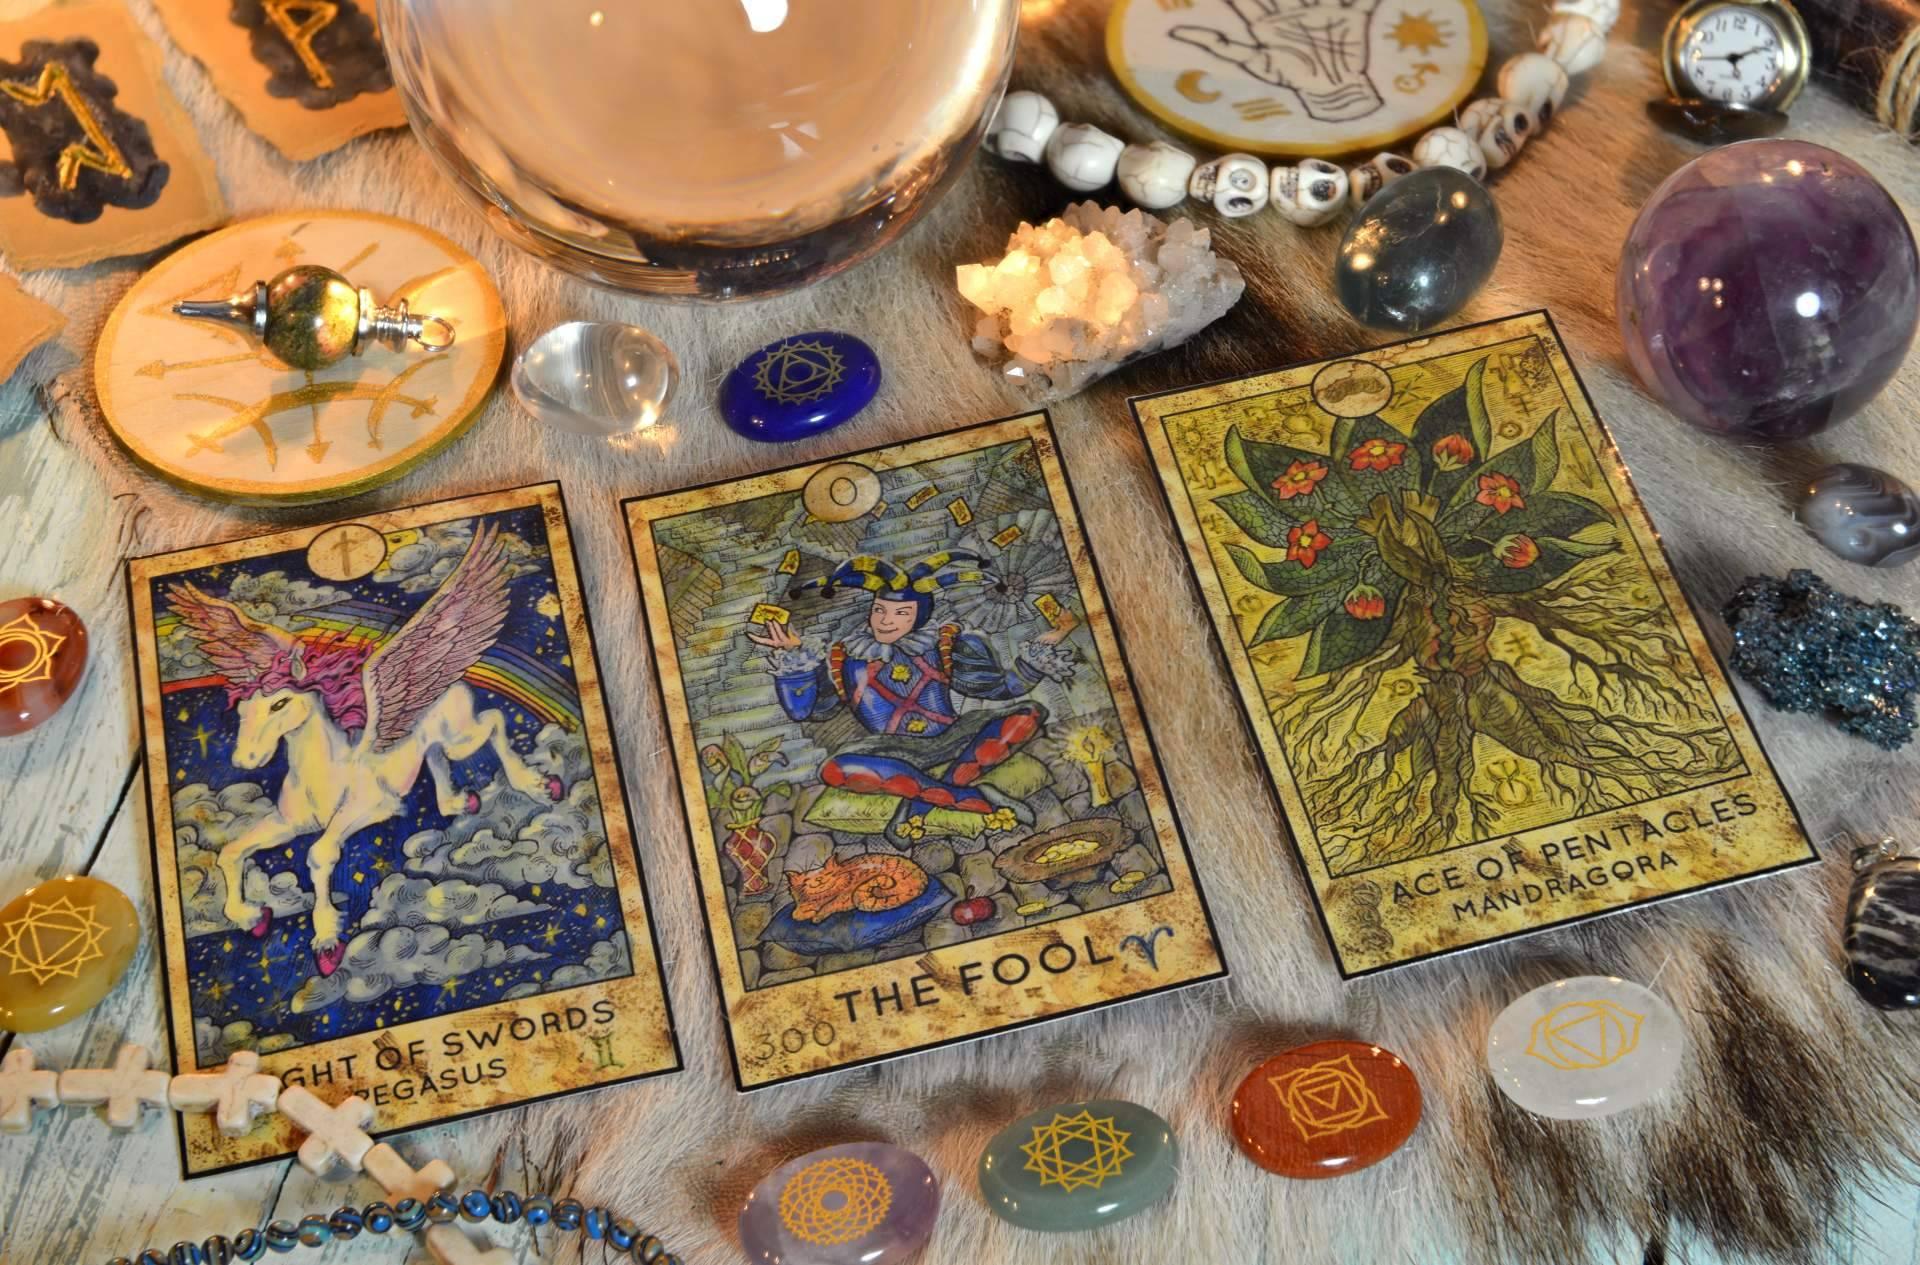 Universo del Tarot dispone de múltiples videntes verdaderas, buenas y económicas que atienden las 24 horas del día